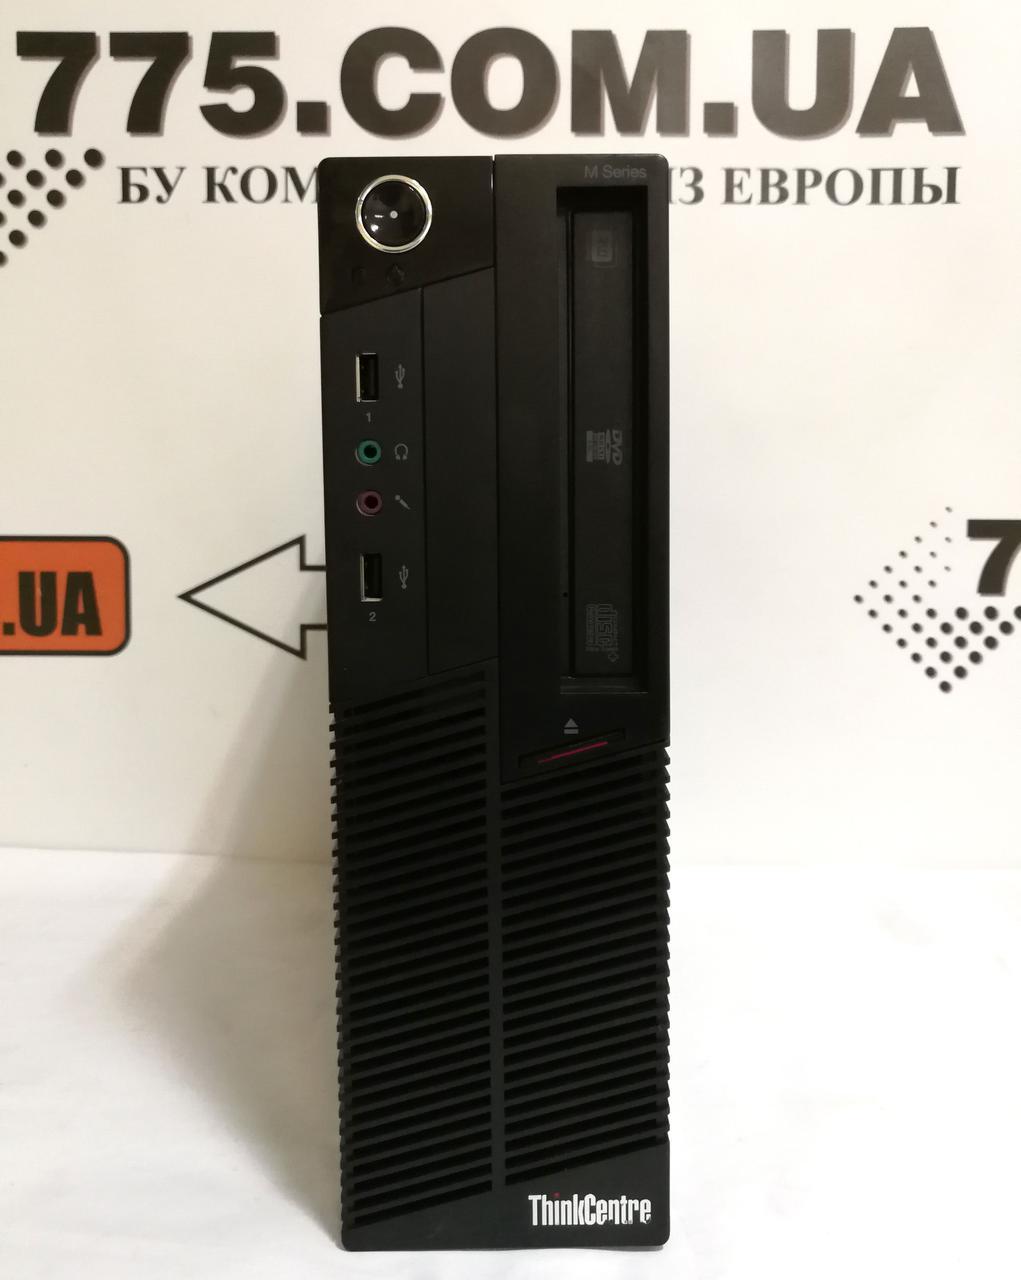 Компьютер Lenovo M90 DT, Intel G2020 2.9GHz, RAM 4ГБ, SSD 120ГБ